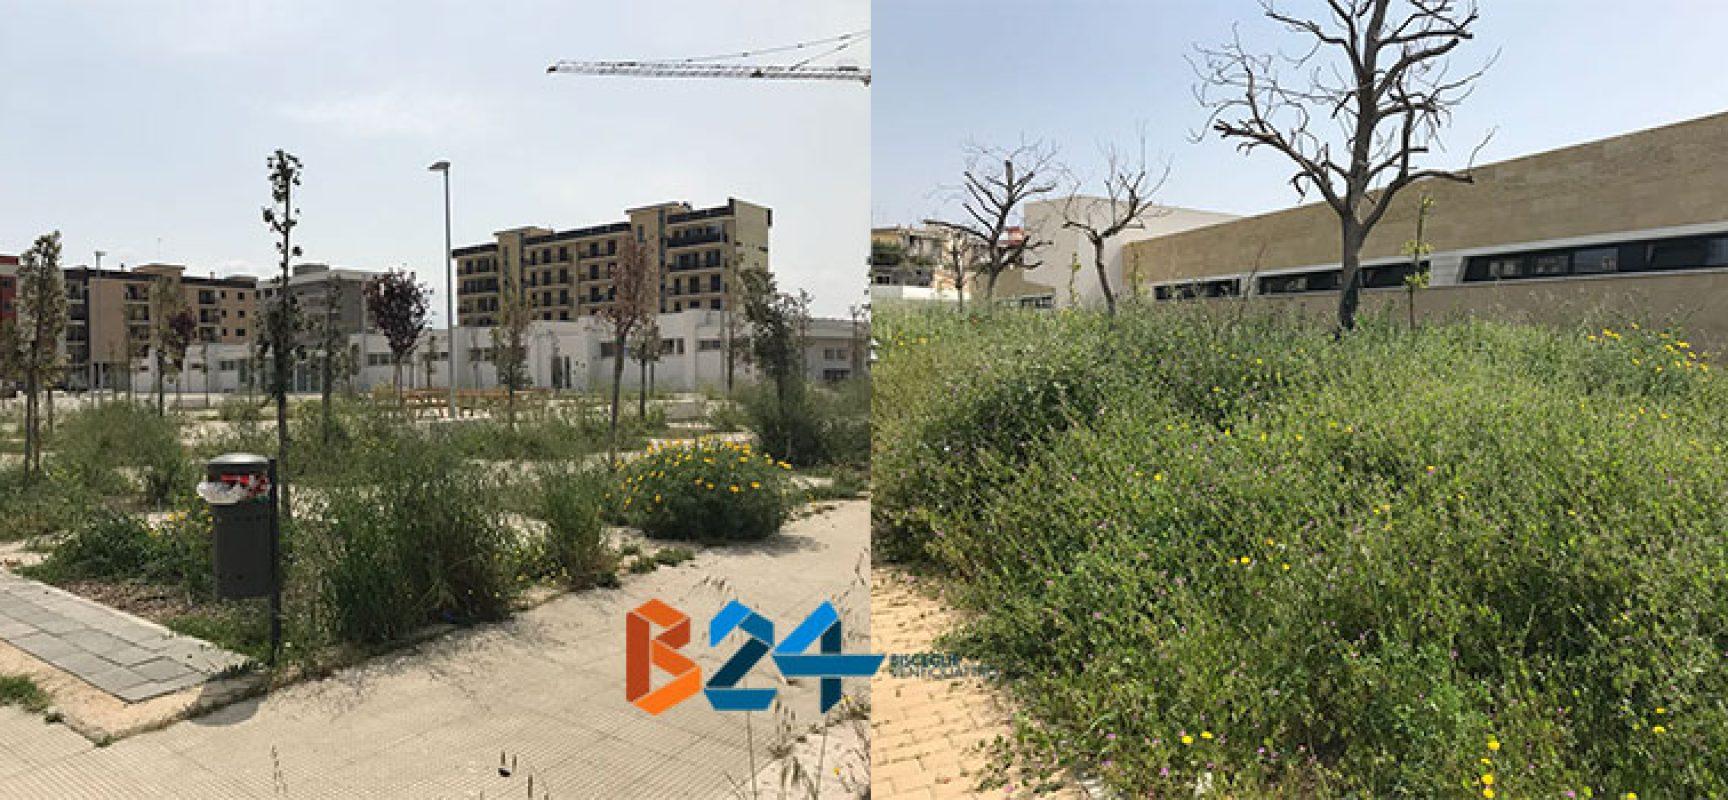 Verde pubblico, manutenzione assente nei pressi di alcune scuole / FOTO